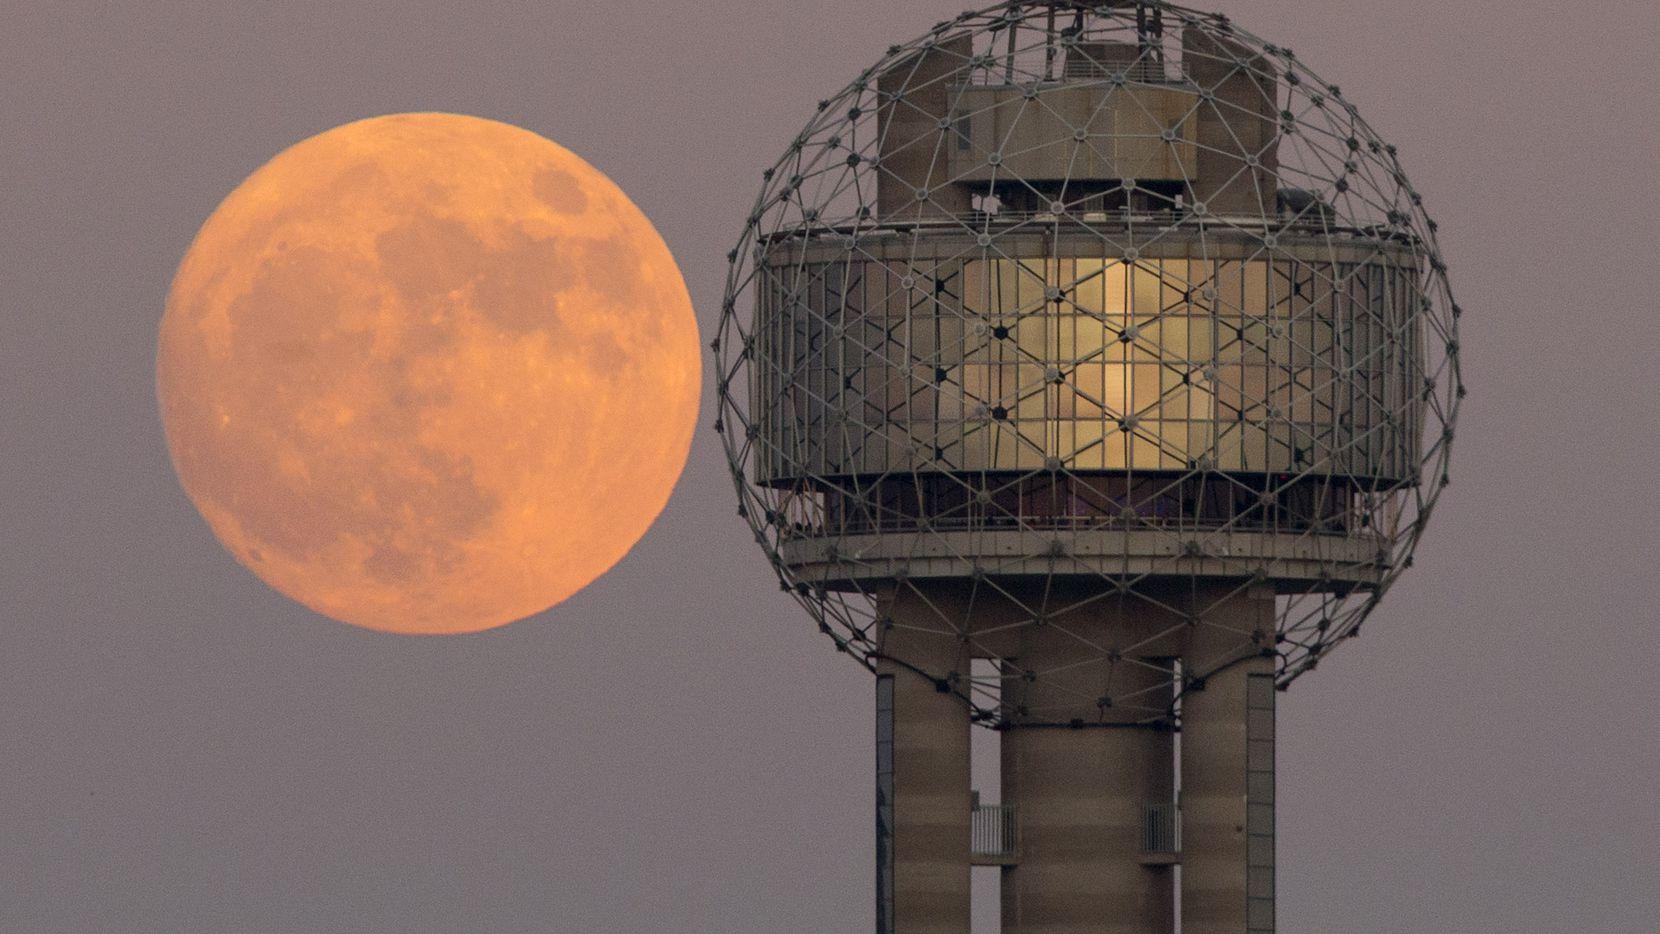 La Luna estará a 357,042 kilómetros (221,855 millas) de distancia en su mejor momento la noche del martes, lo que la hará verse más grande y brillante.